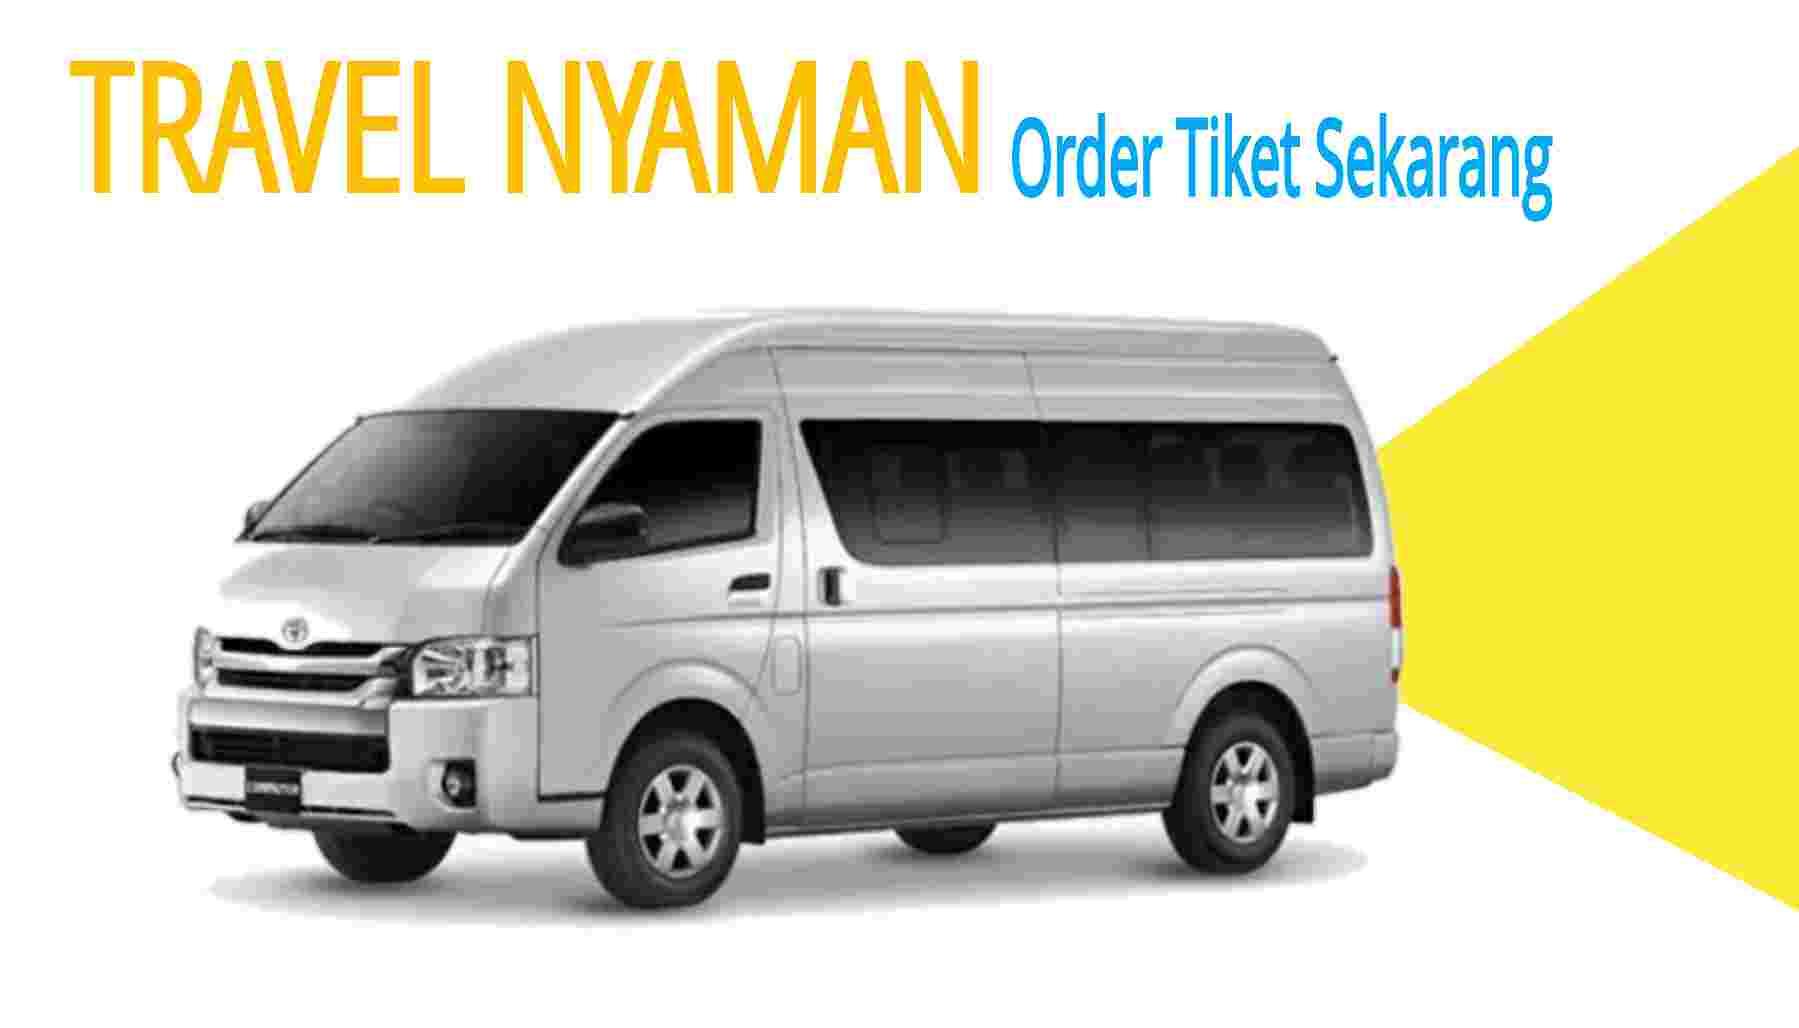 Travel Krukut Depok Rajabasa Via Tol Lampung